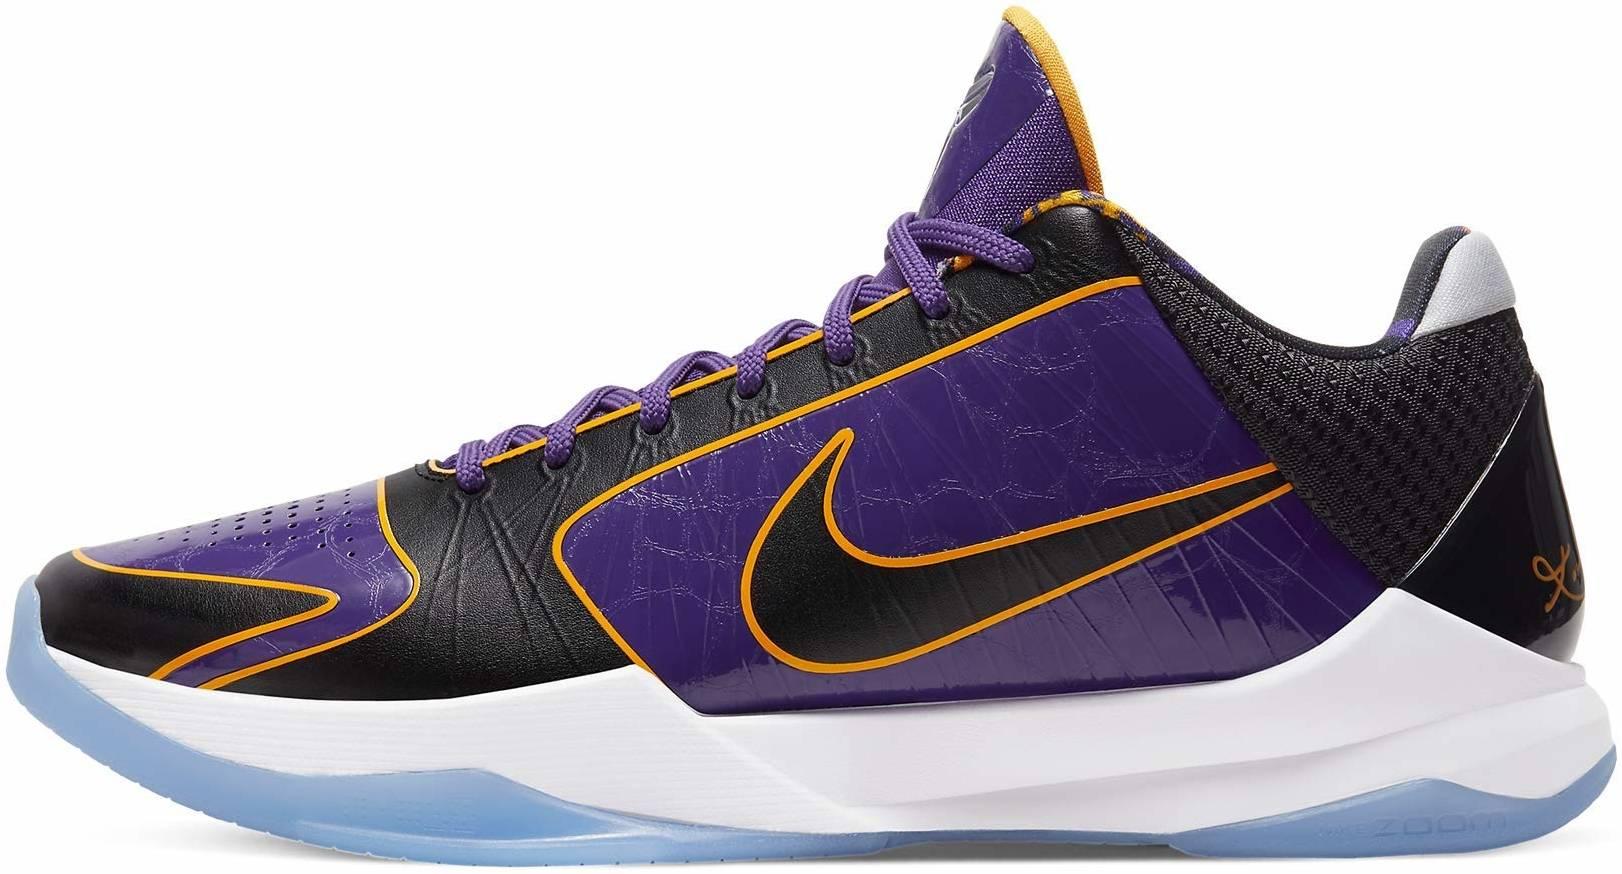 20 Kobe Bryant basketball shoes - Save 11% | RunRepeat